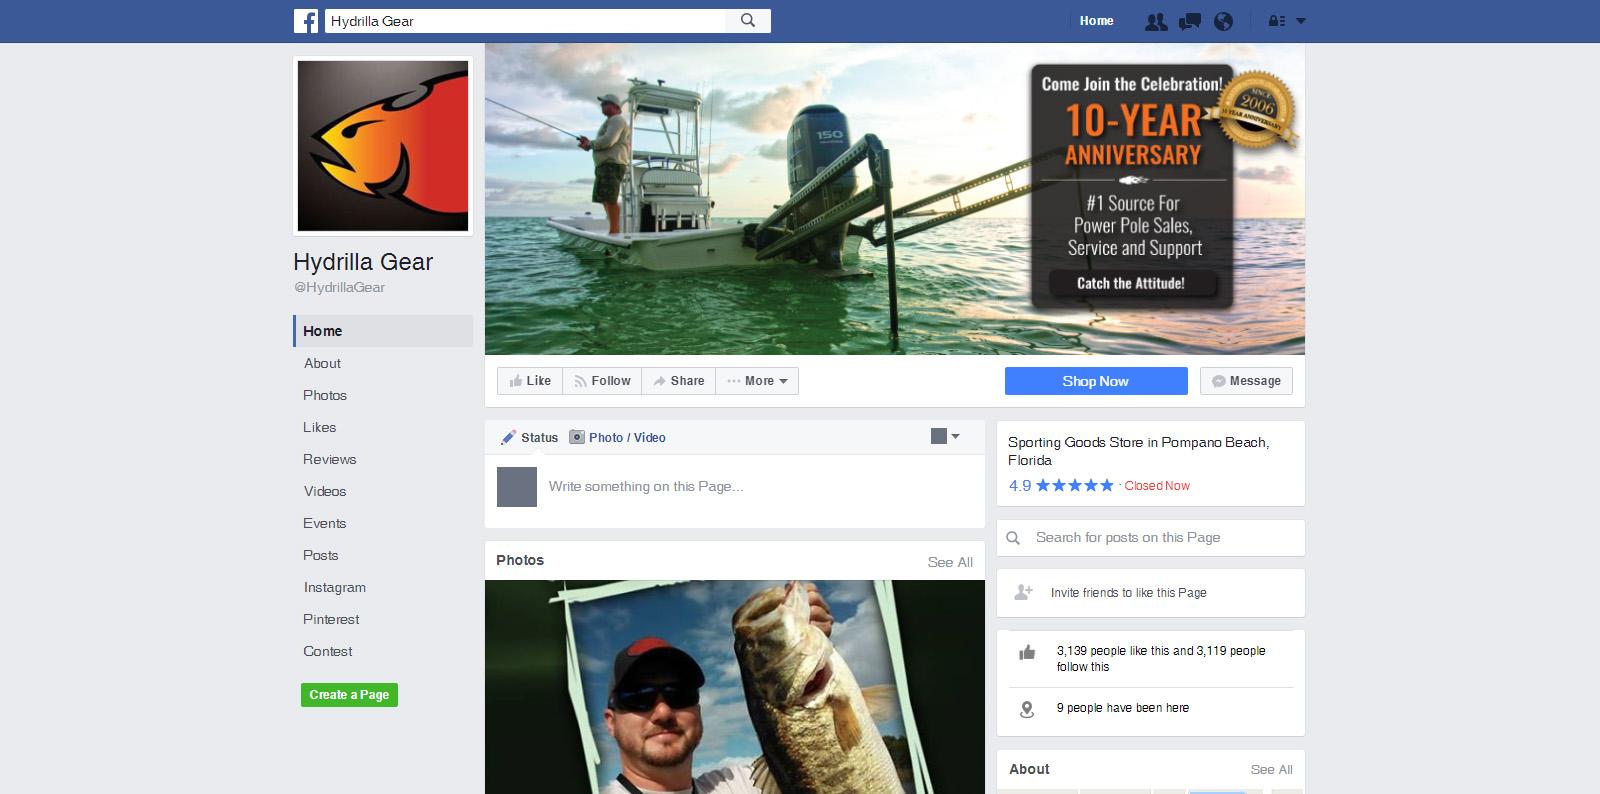 Hydrilla Gear - Social Media Marketing